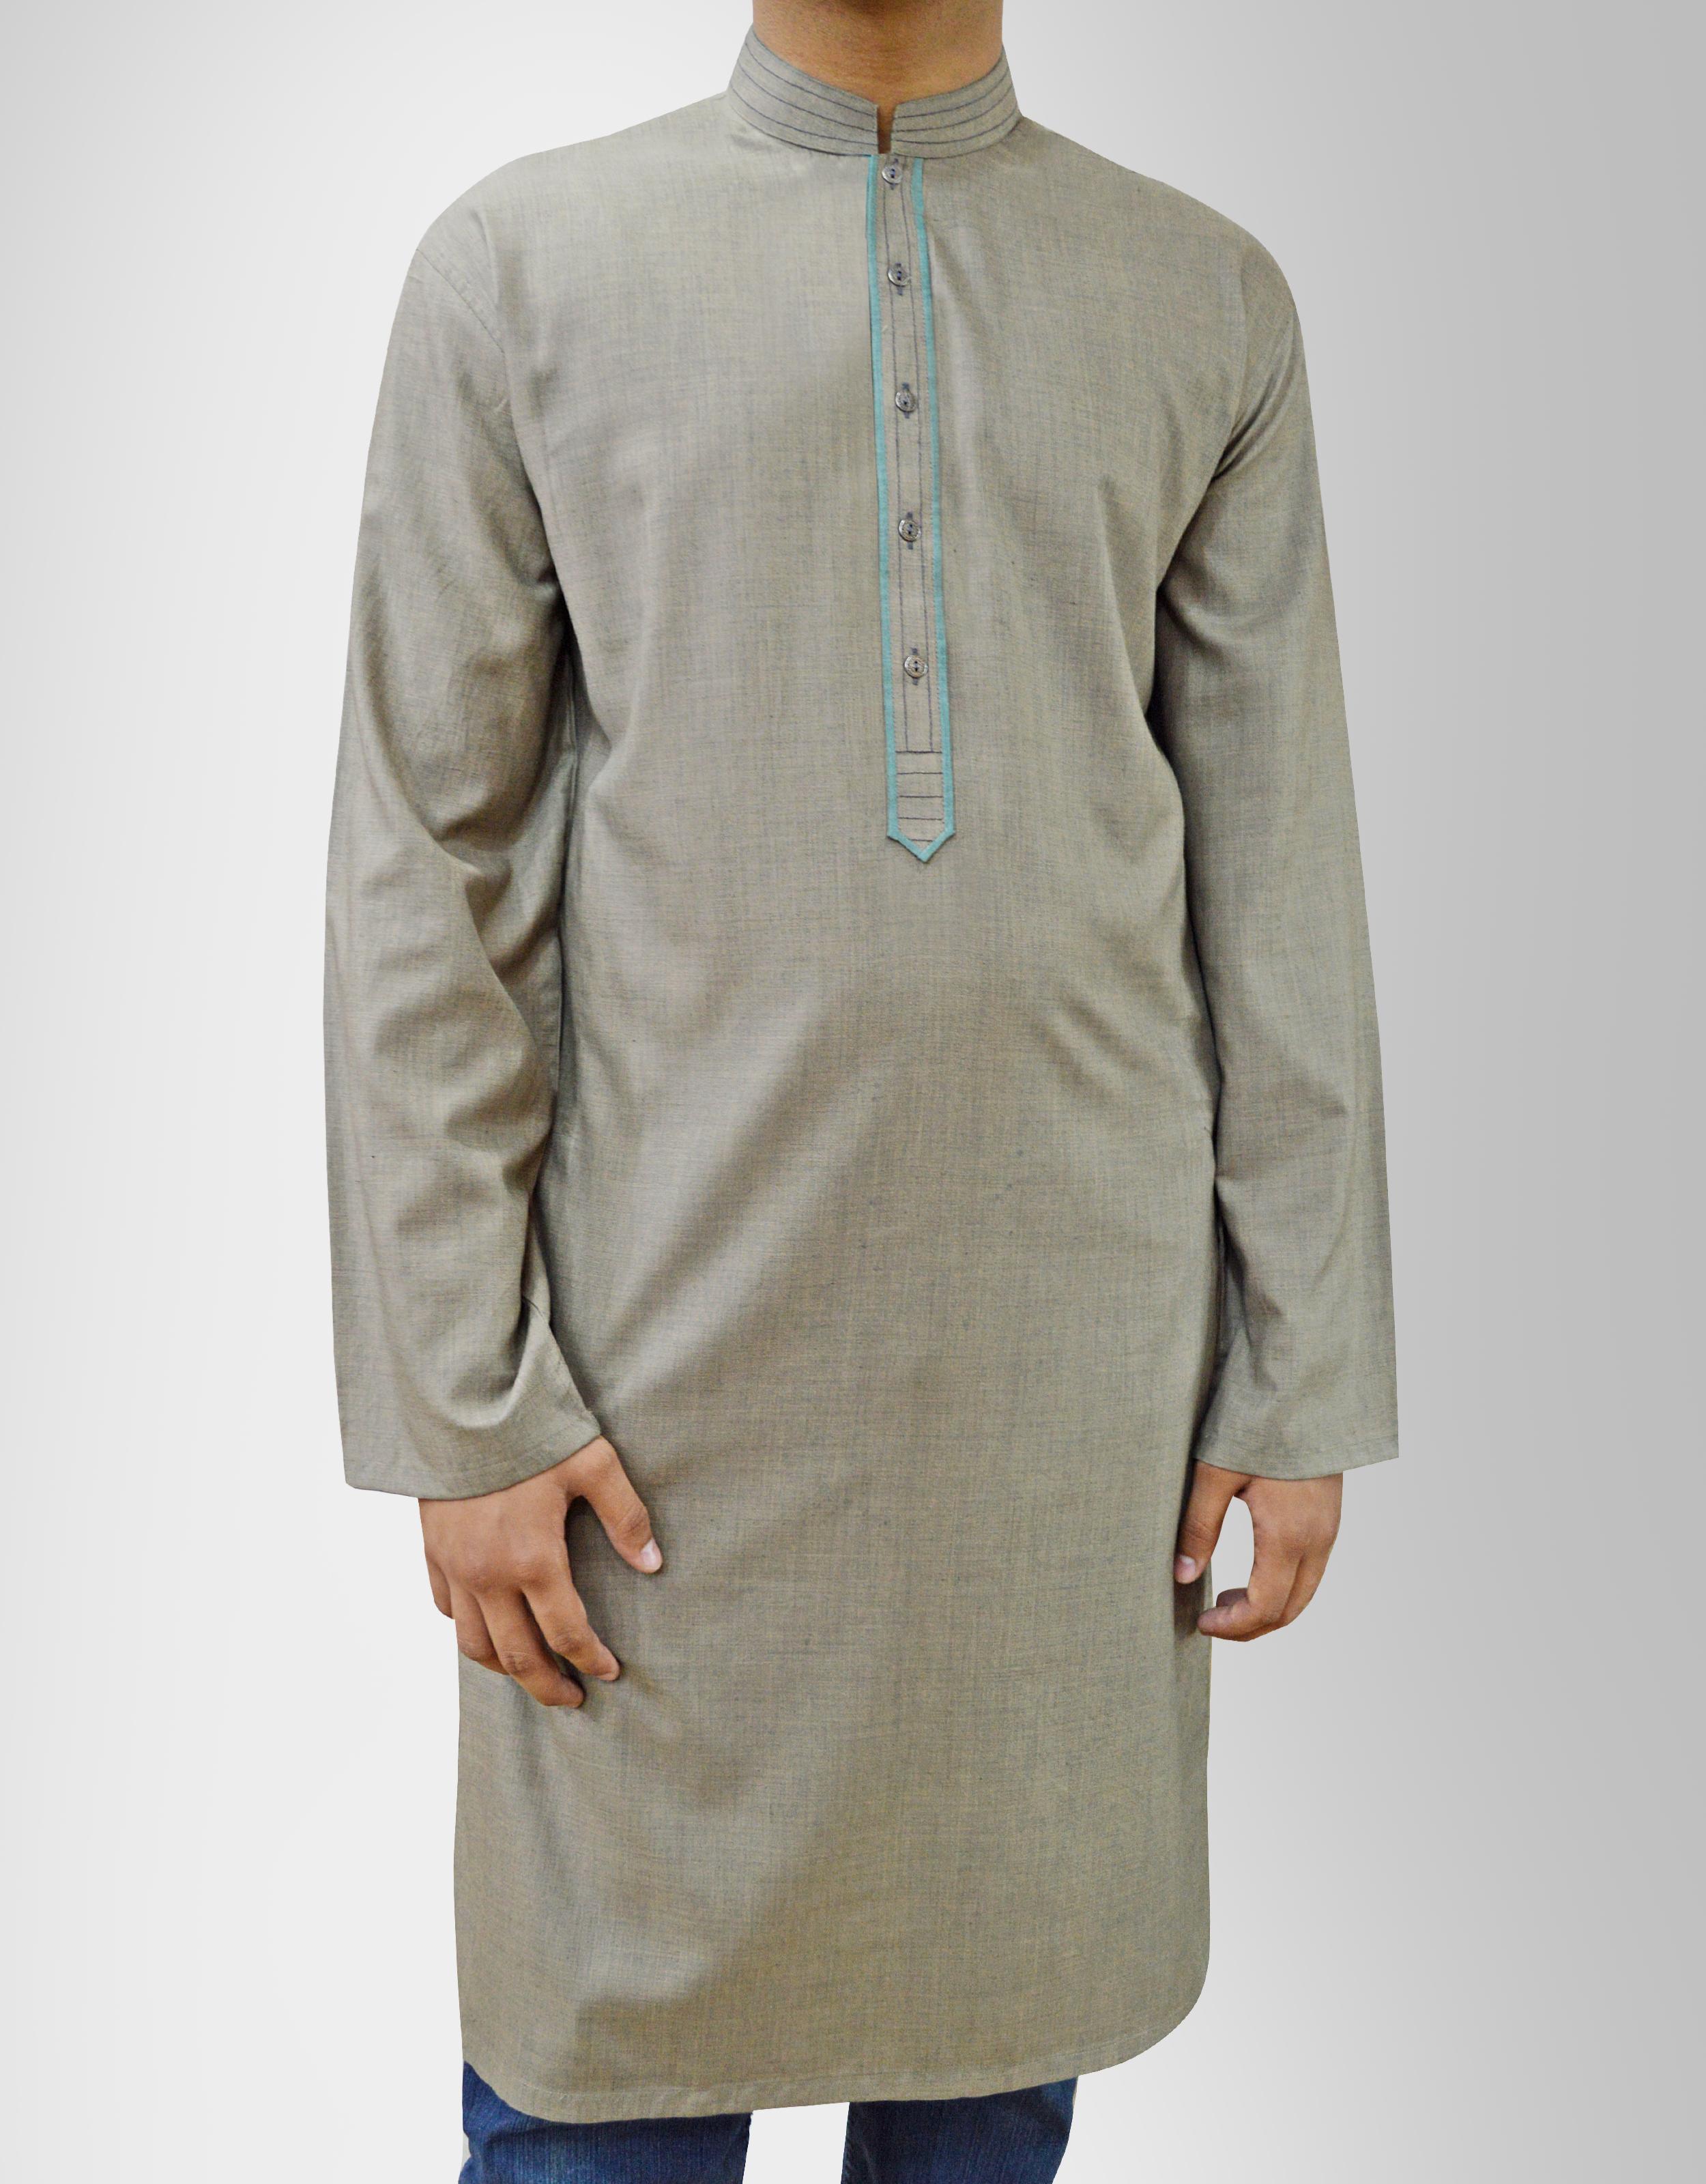 Amir-Adnan-winter-collection (1)